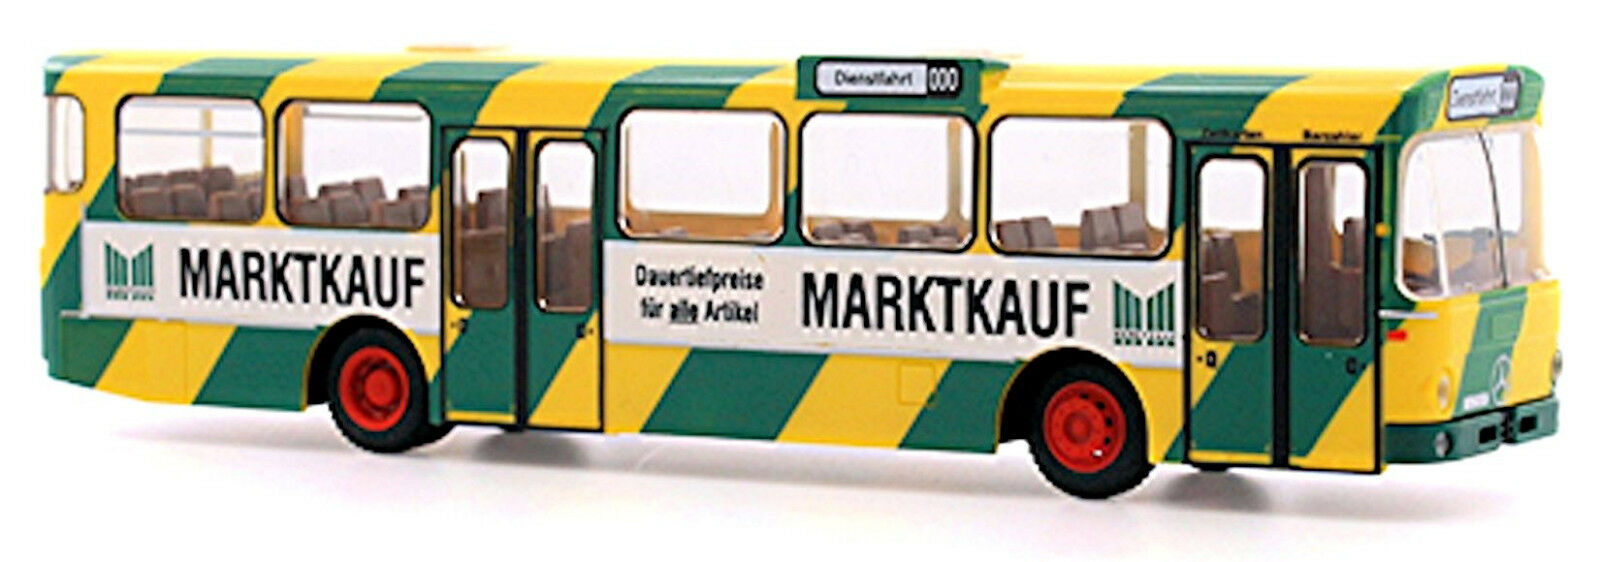 Rietze 74302 Mercedes Benz O 305 Bus RVK Köln Marktkauf Scale 1 87 NEU OVP